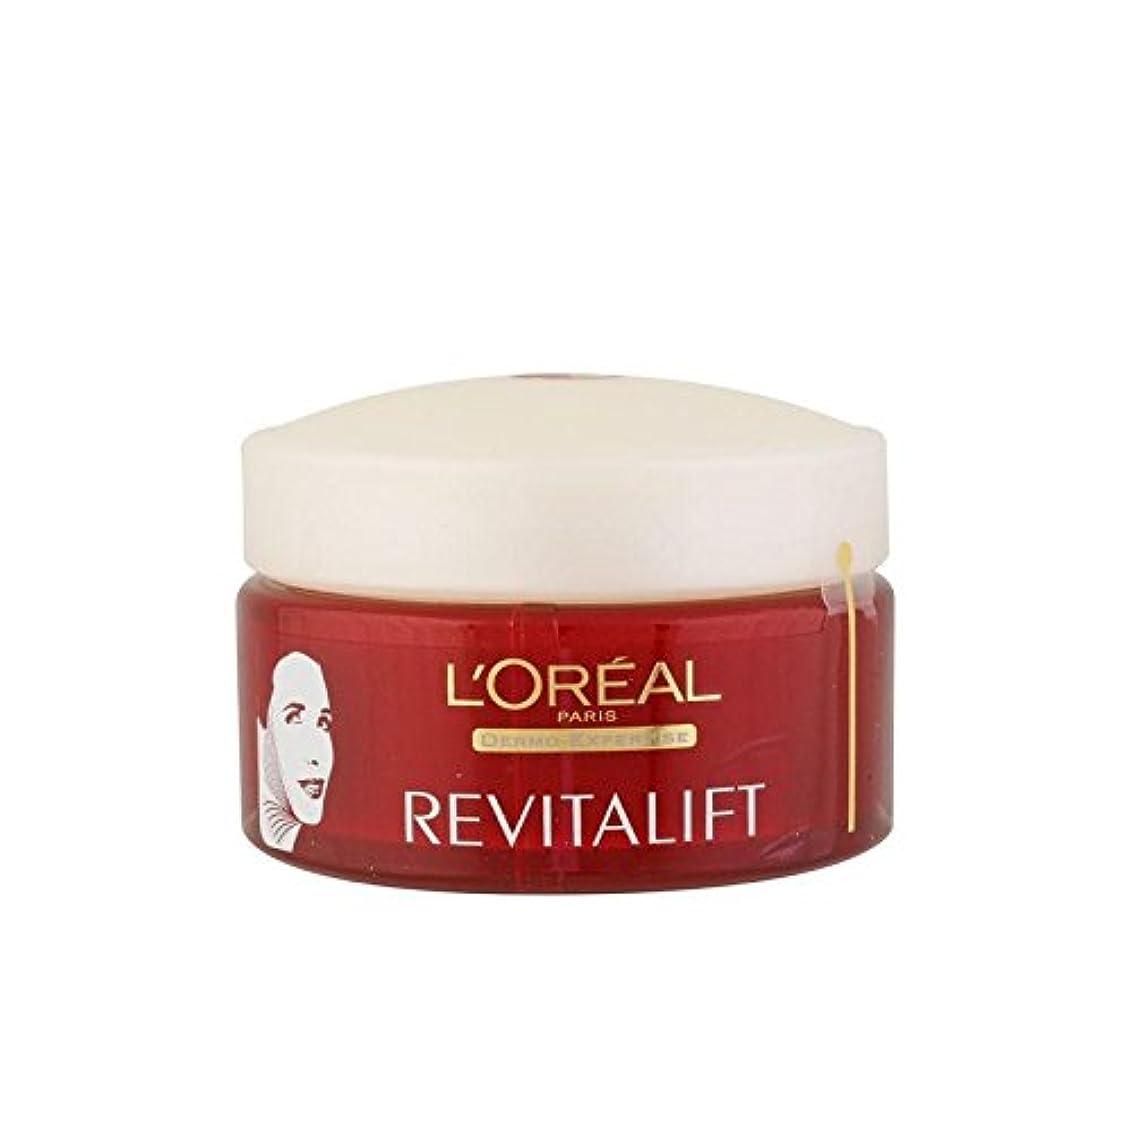 準備した慣れる戸棚ロレアルパリ?ダーモ専門知識顔の輪郭や首の再サポートクリーム(50ミリリットル) x2 - L'Oreal Paris Dermo Expertise Revitalift Face Contours And Neck Re-Support Cream (50ml) (Pack of 2) [並行輸入品]